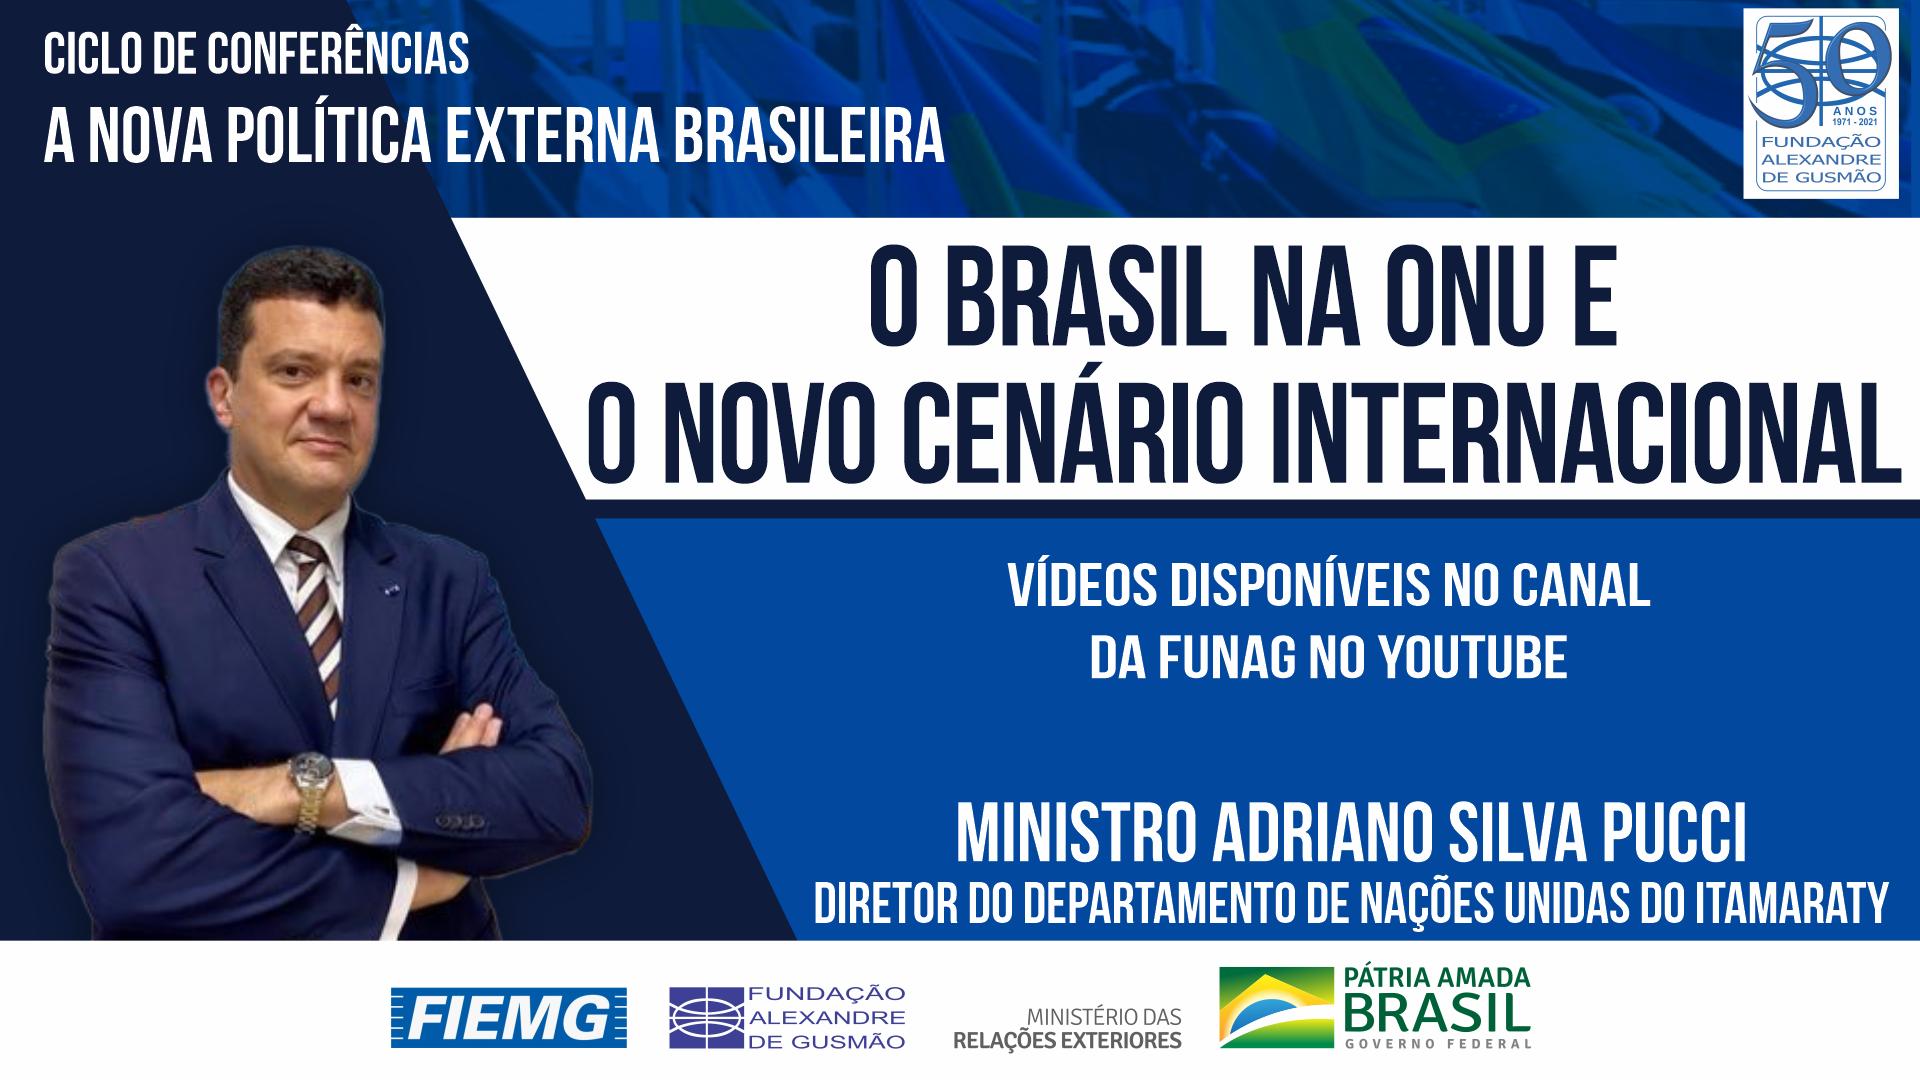 Assista aos vídeos da conferência do Diretor do Departamento de Nações Unidas do Itamaraty, Ministro Adriano Silva Pucci